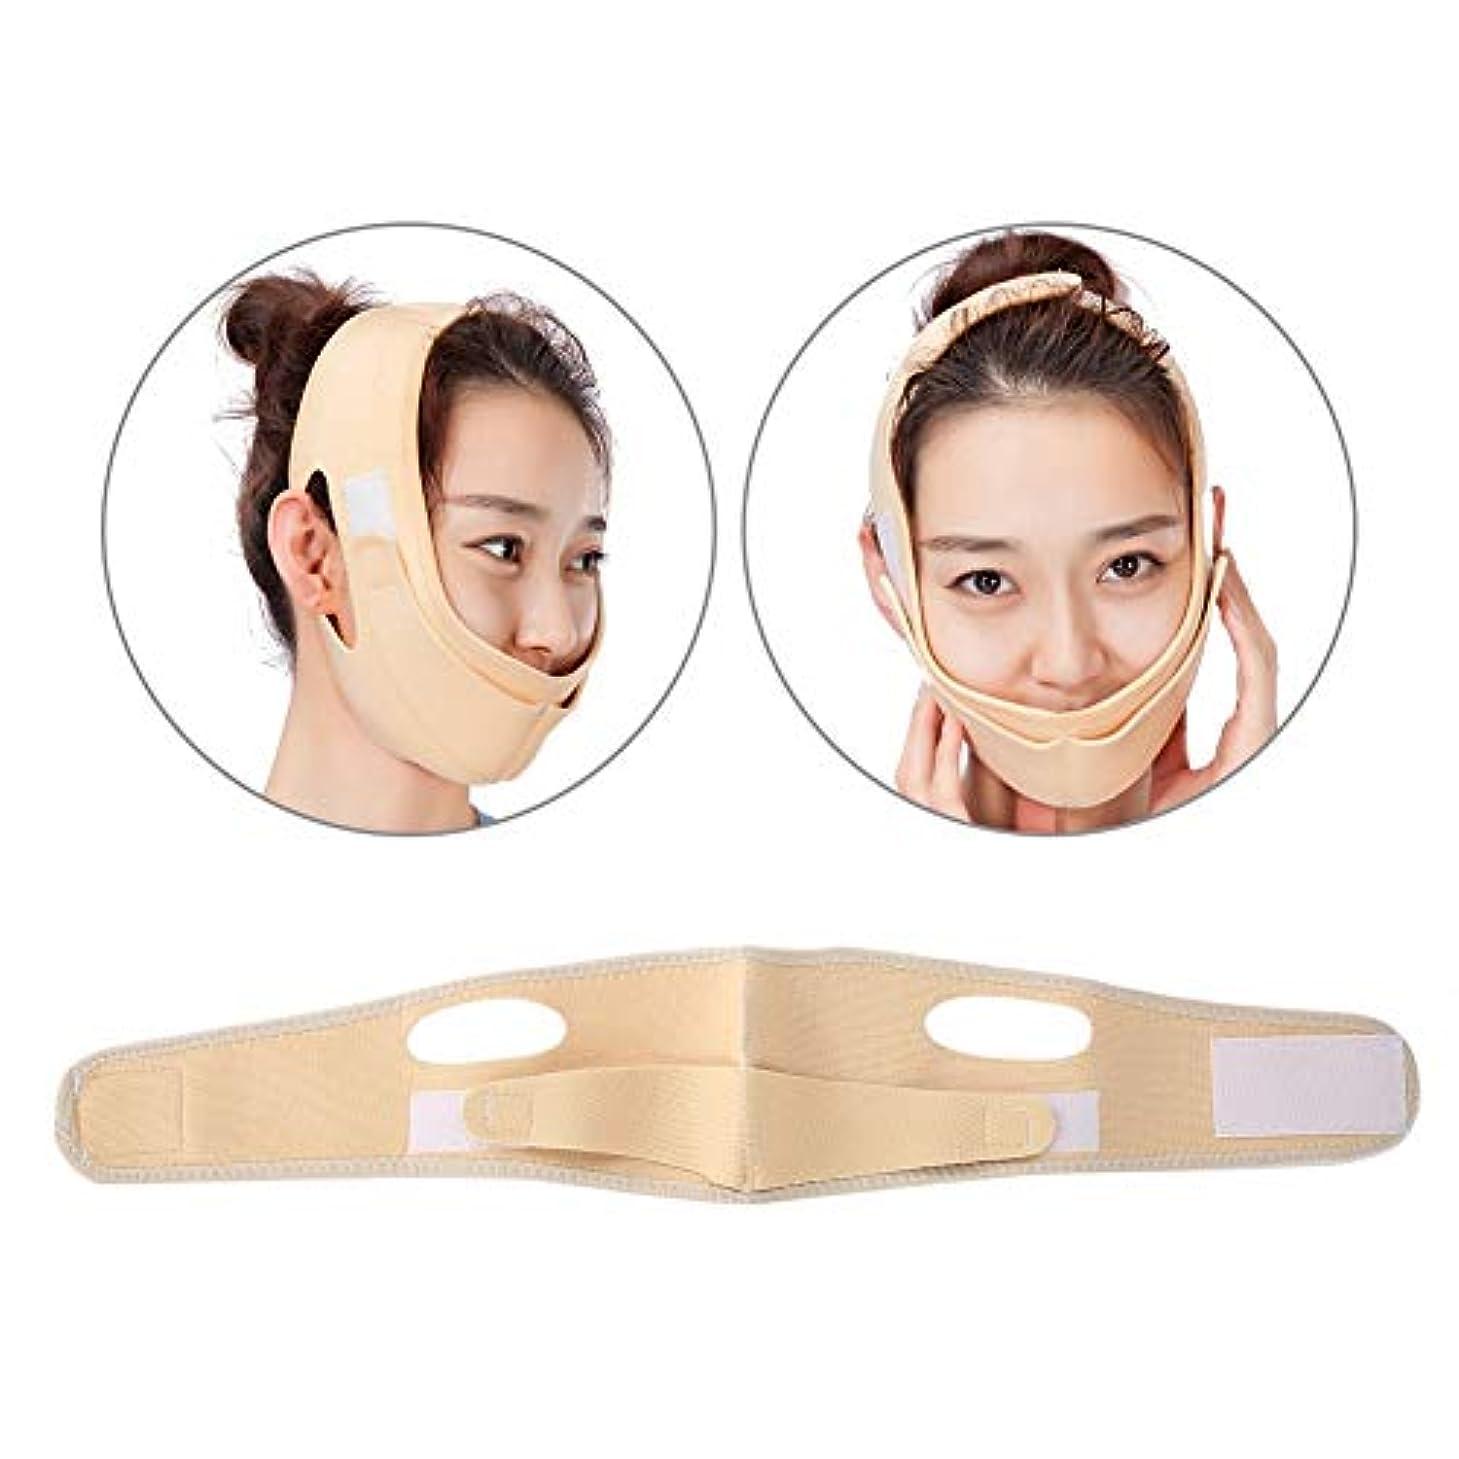 繊維軽量フォルダ2タイプフェイスリフティングマスク、ナチュラルVチーク舐め締めベルト、アンチリンクル引き締めスキンマスク、フェイスリフティング減量アンチダブルフェイシャル包帯(1#)